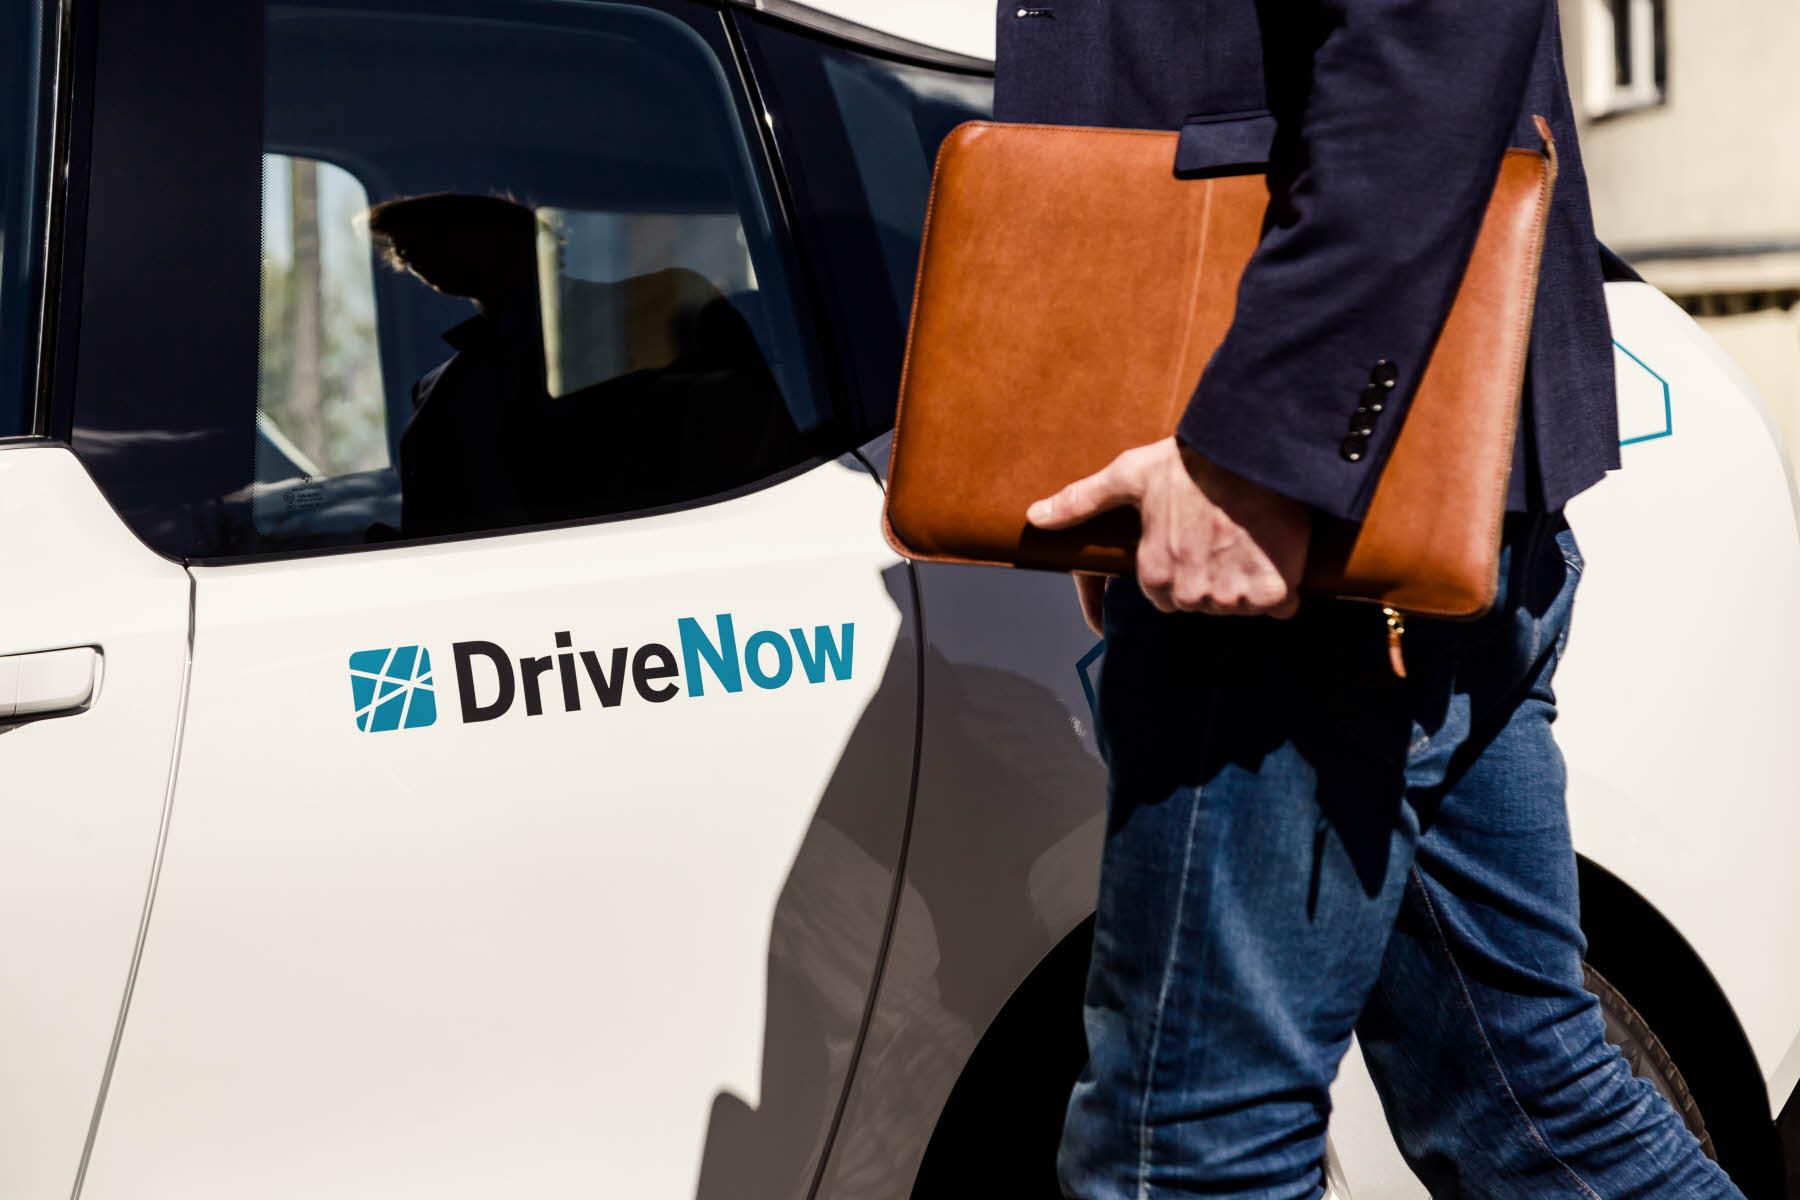 DriveNow Stundenpakete für längere Fahrten